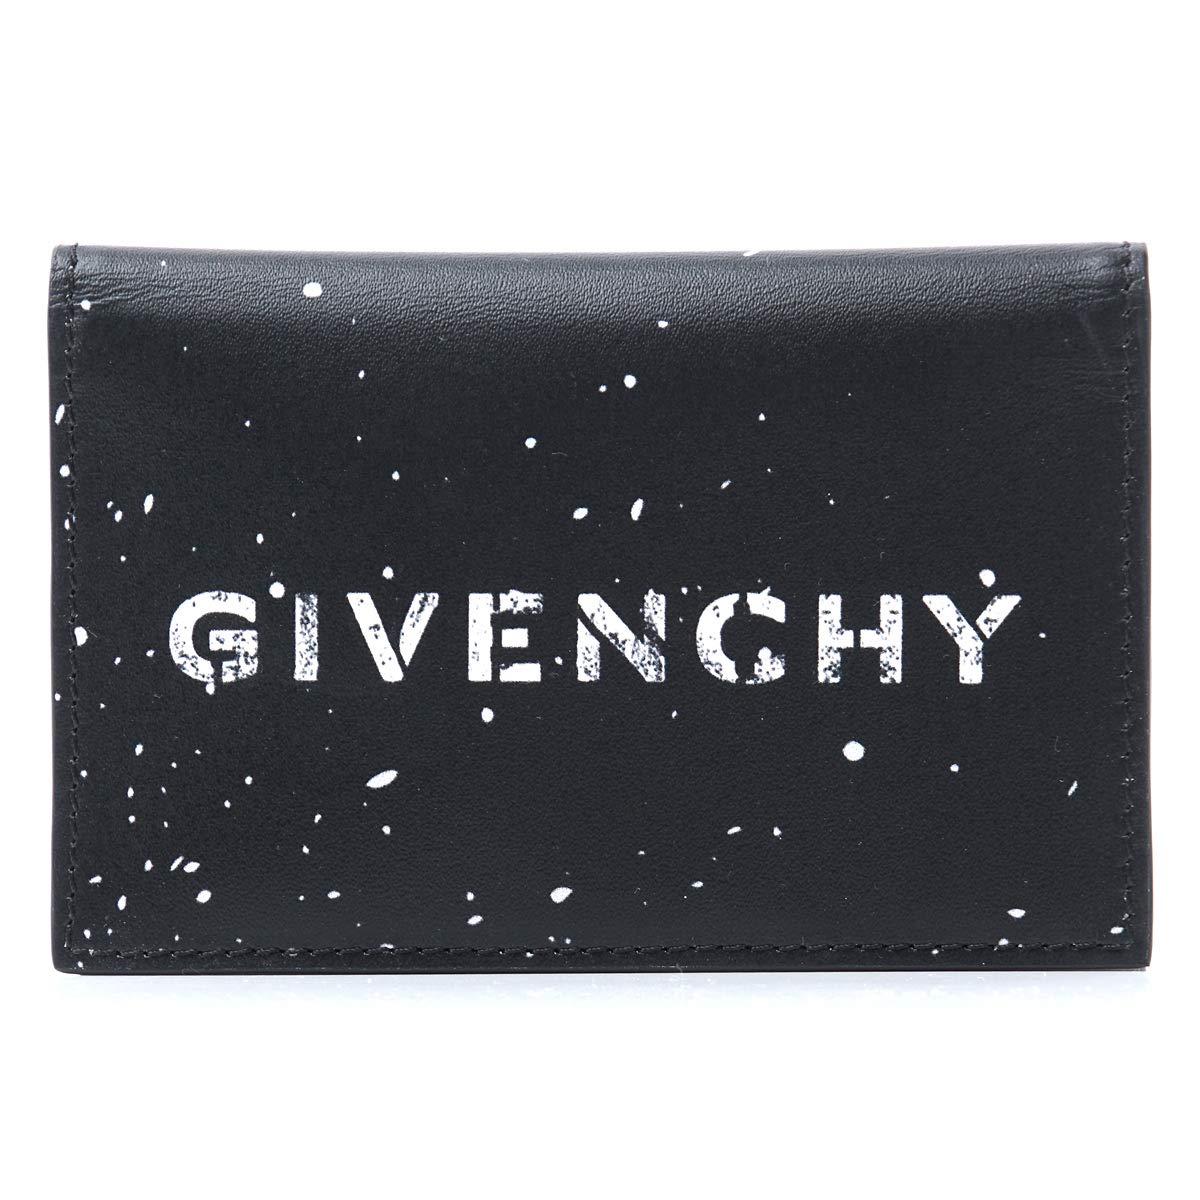 (ジバンシー) GIVENCHY カードケース [並行輸入品] B07Q42388Z